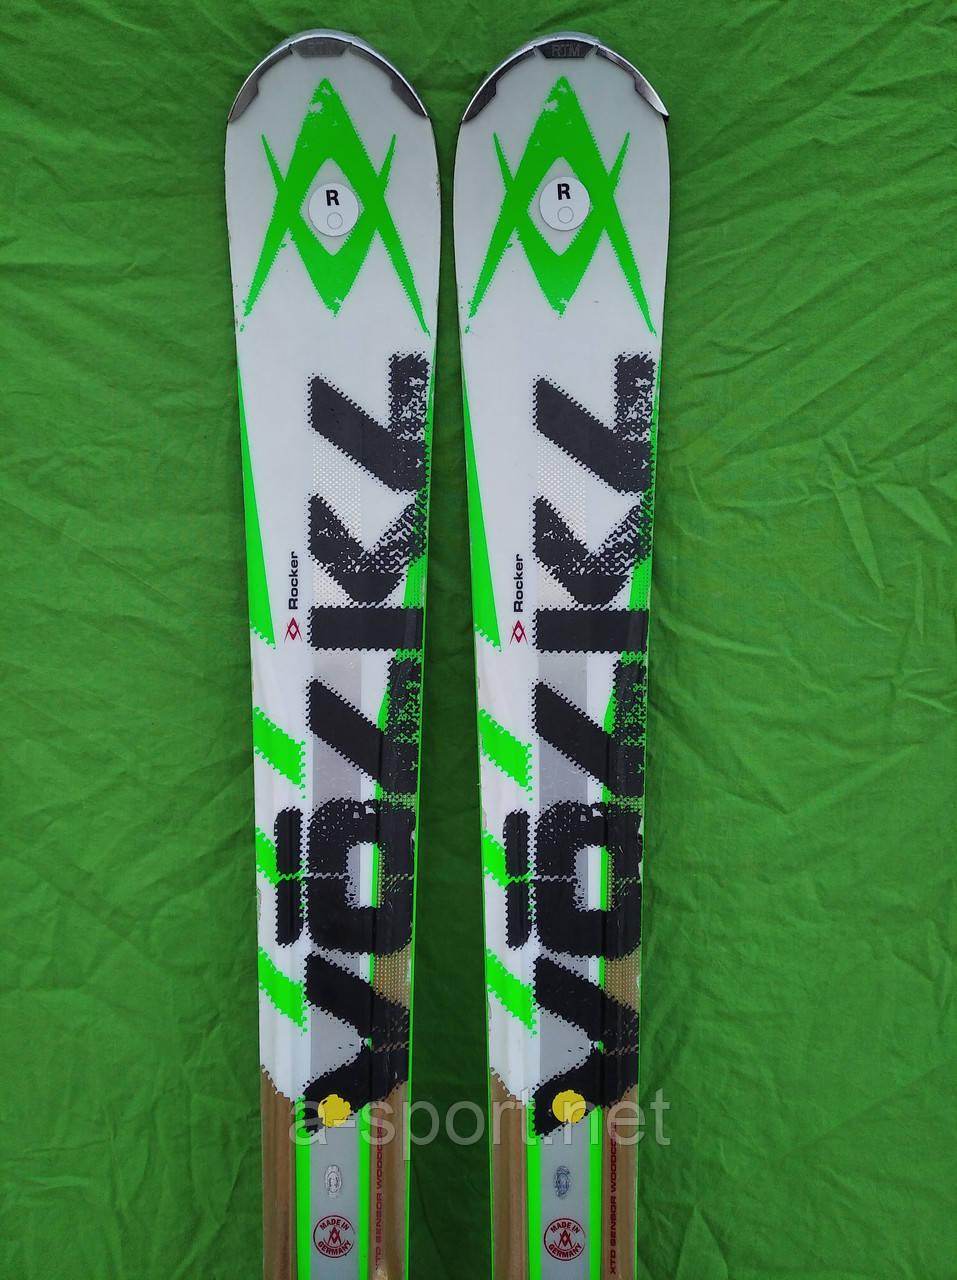 Гірські лижі бу Volkl rtm 84 171 см експертний універсал, 2013р